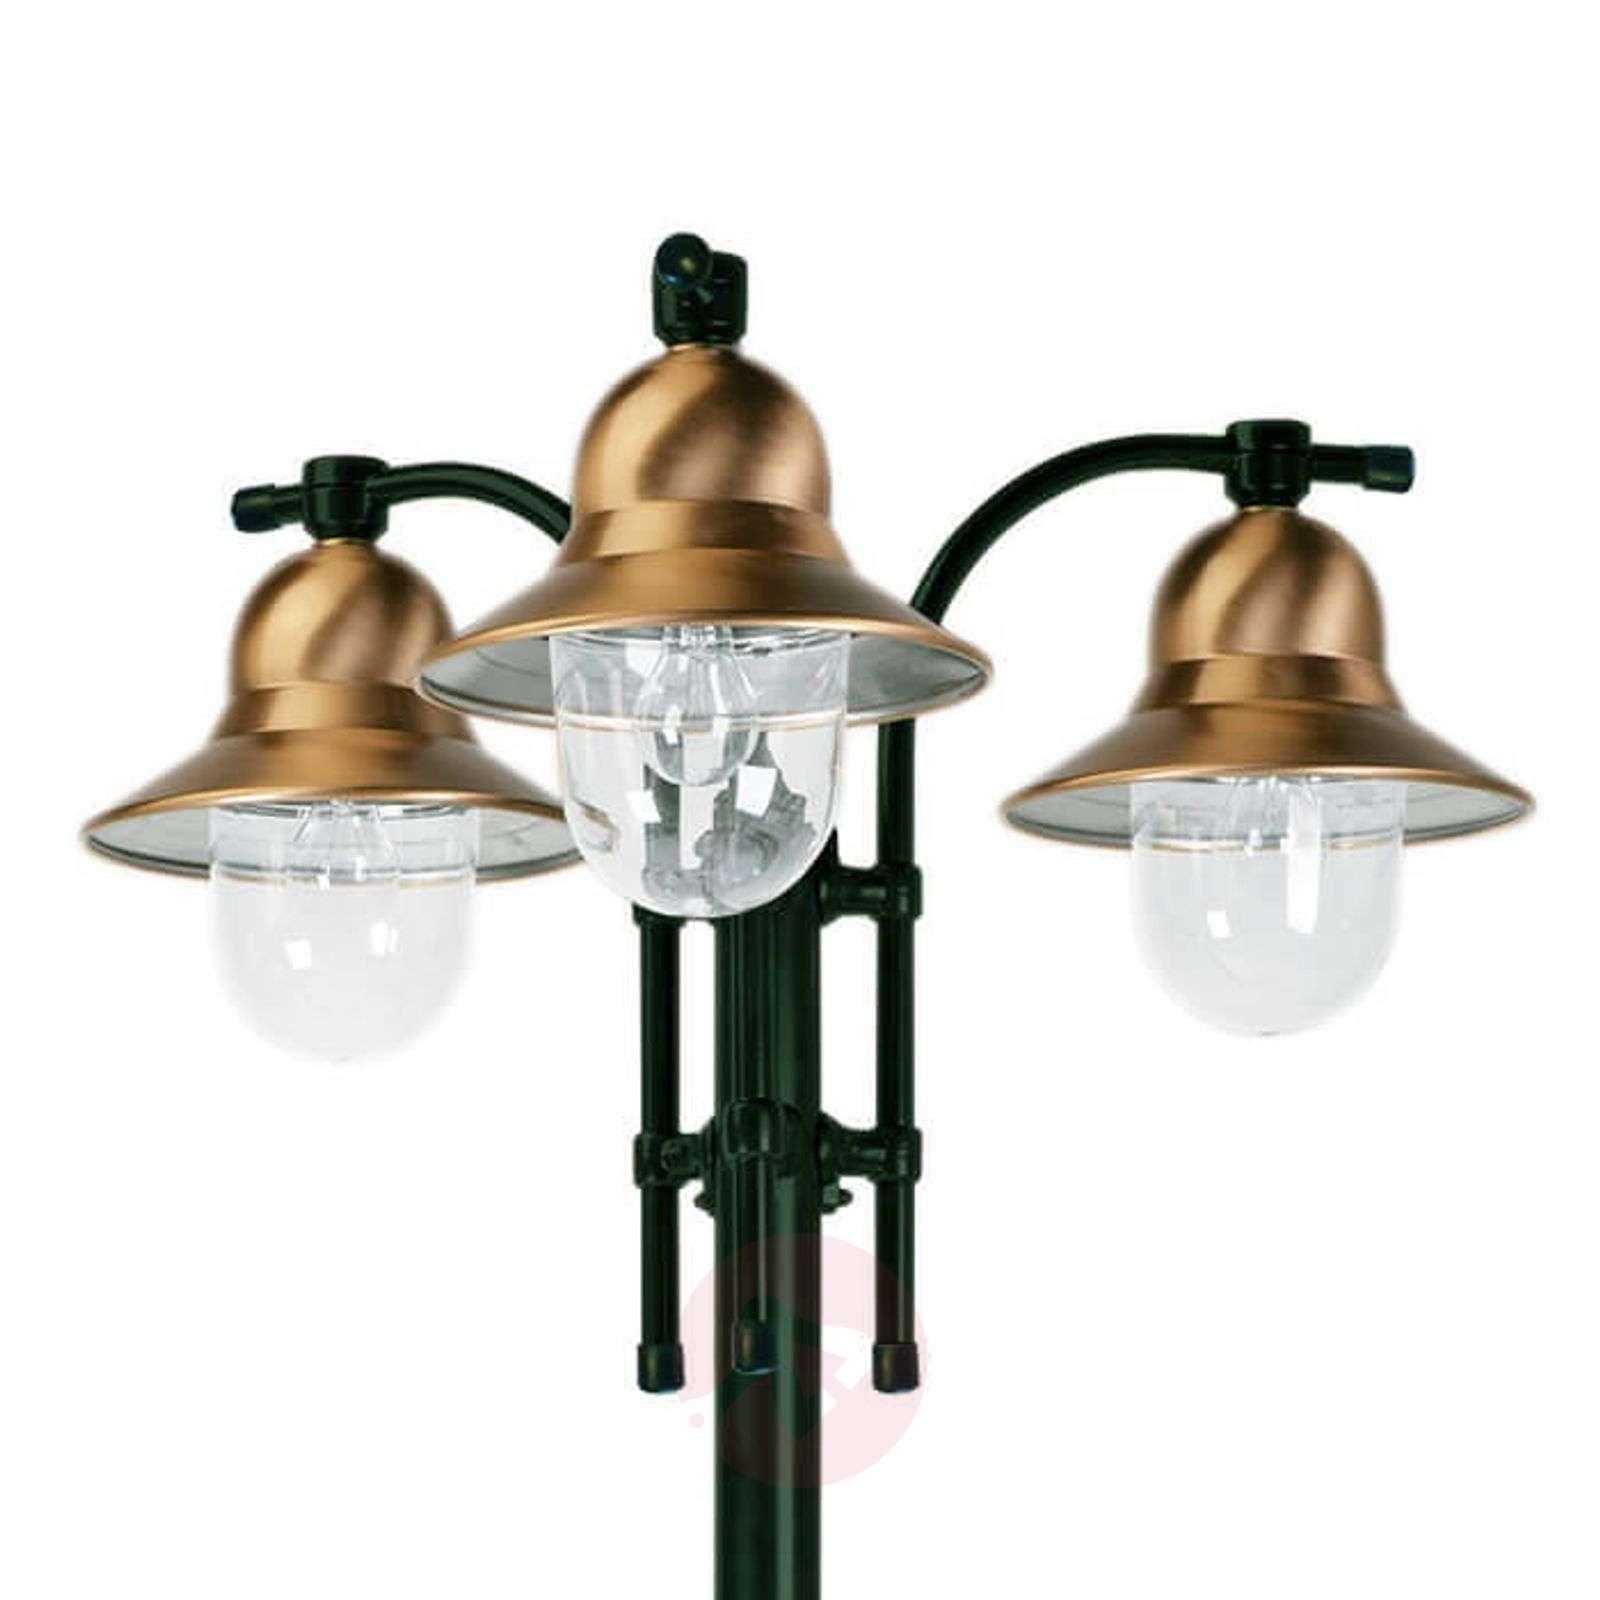 3-lamppuinen Toscane-lyhtypylväs, vihreä-5515092-01